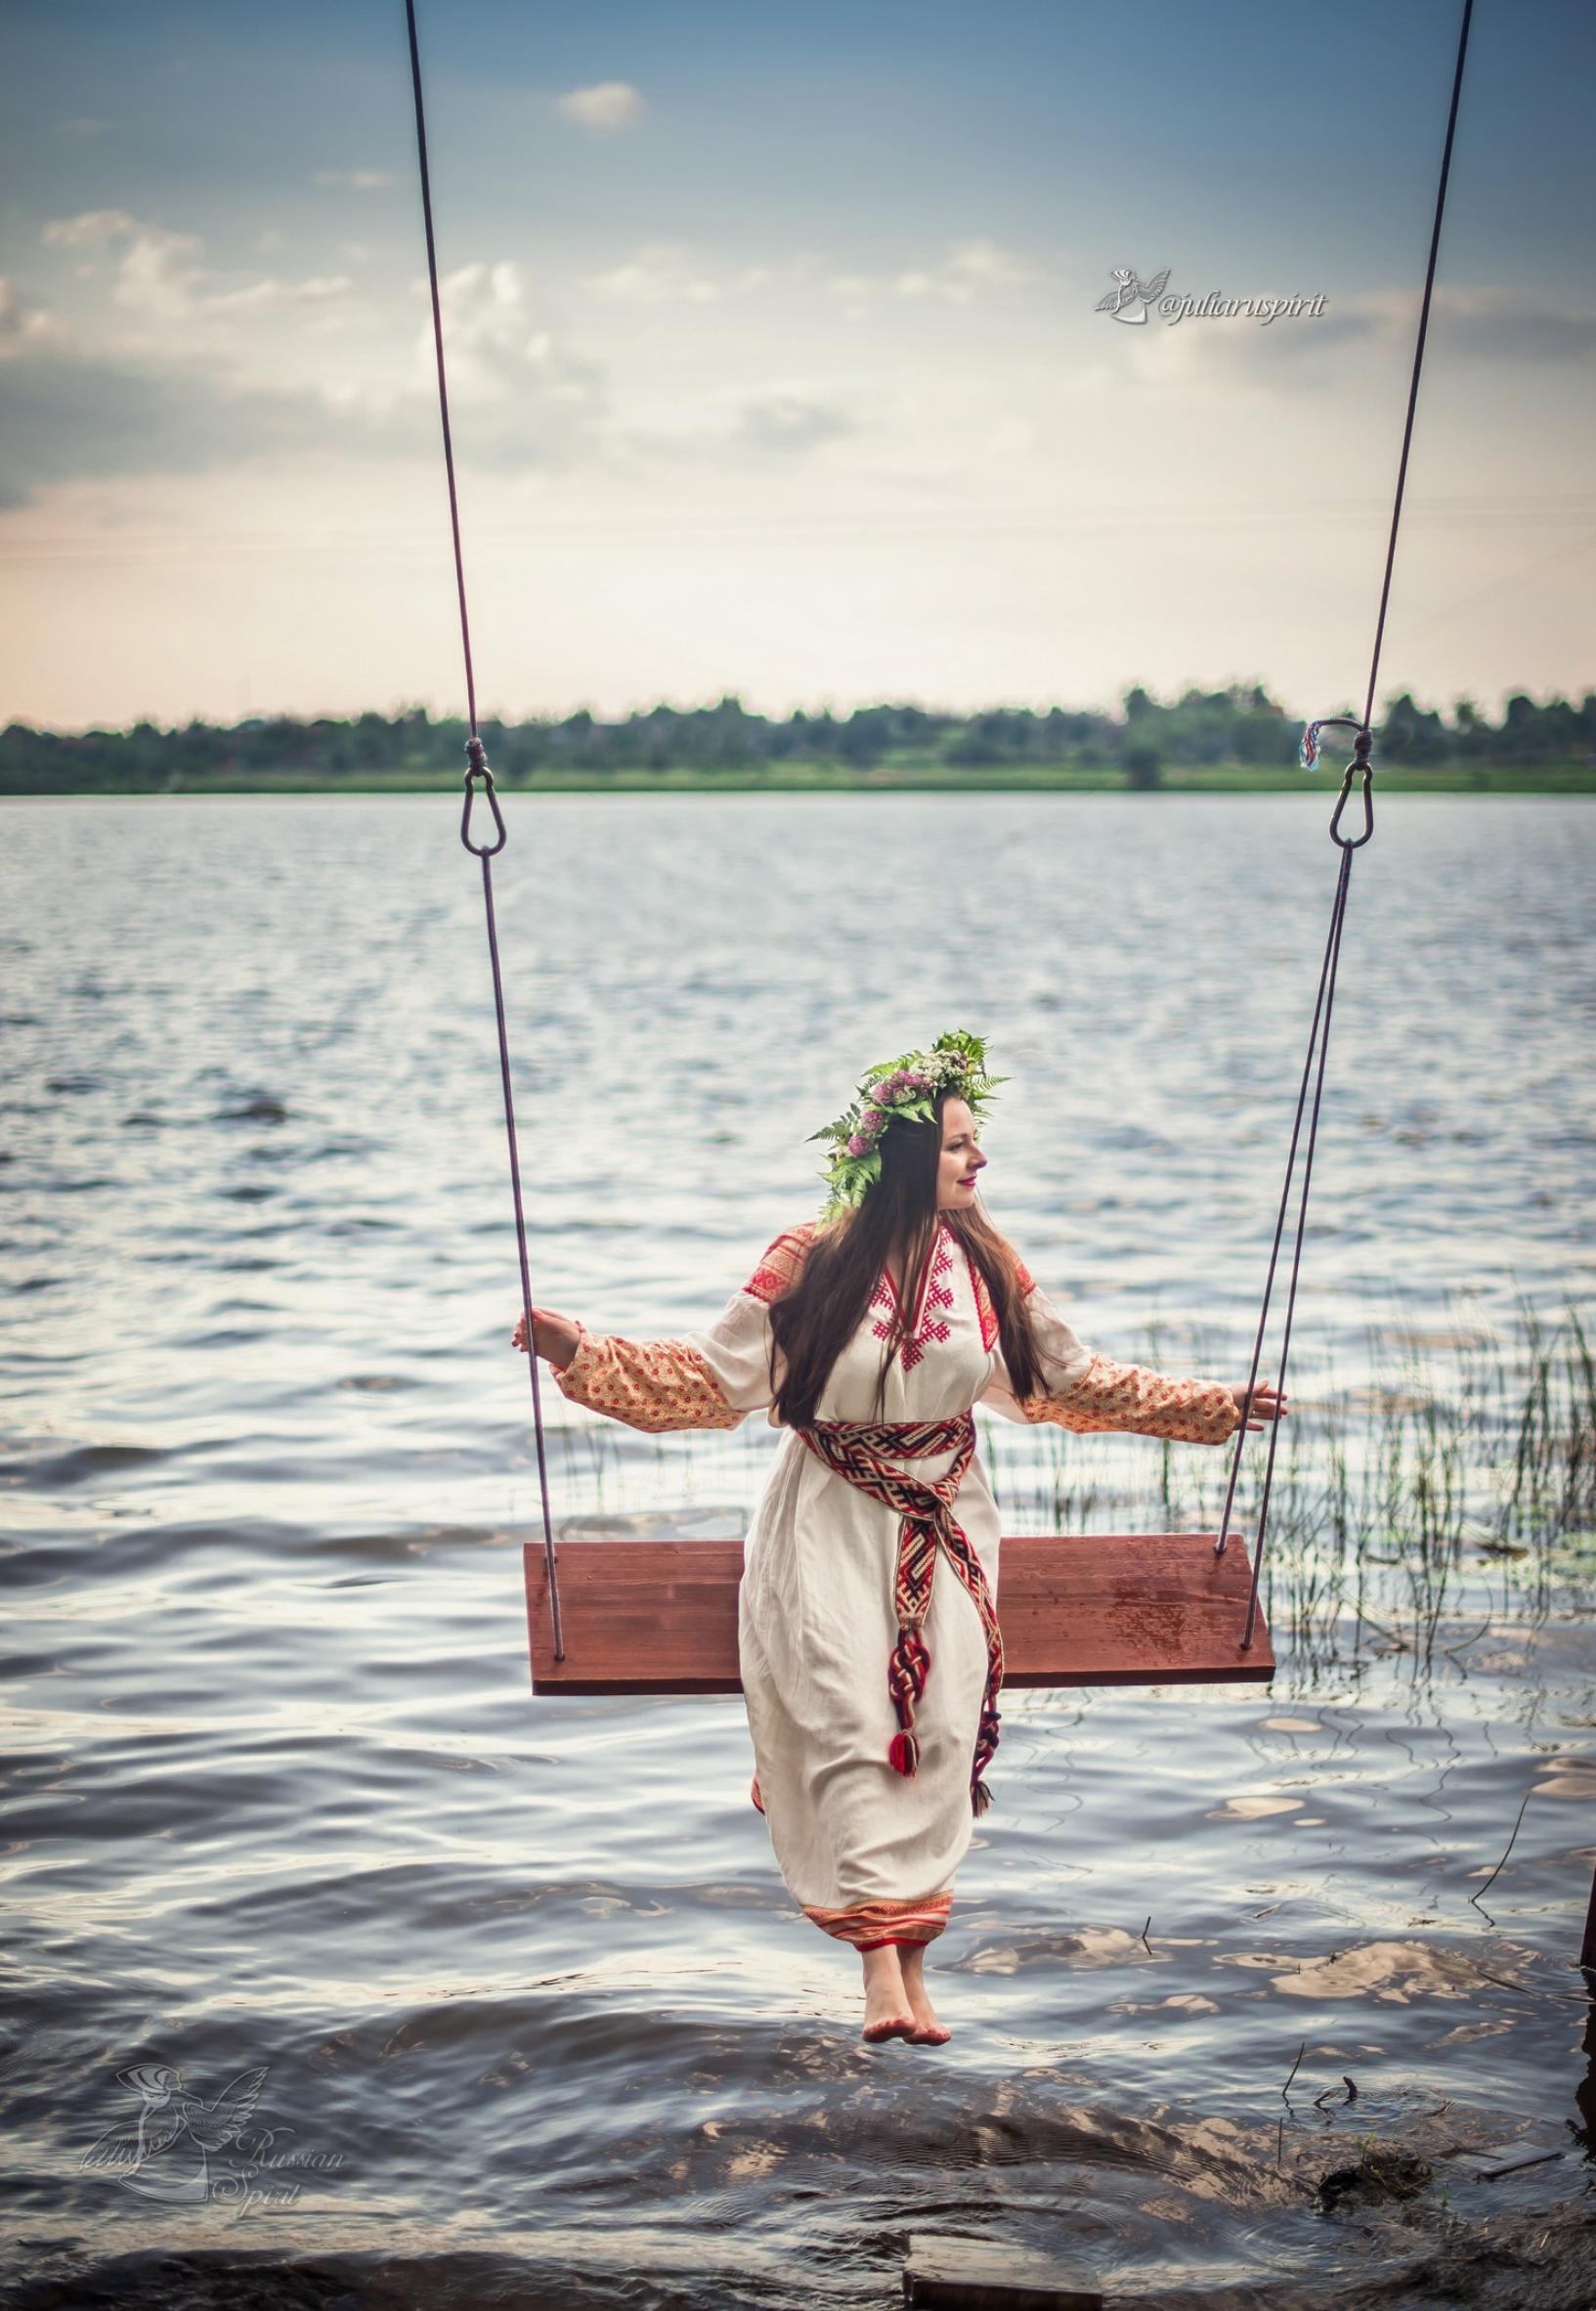 Девушка в славянском платье на качелях на фоне воды